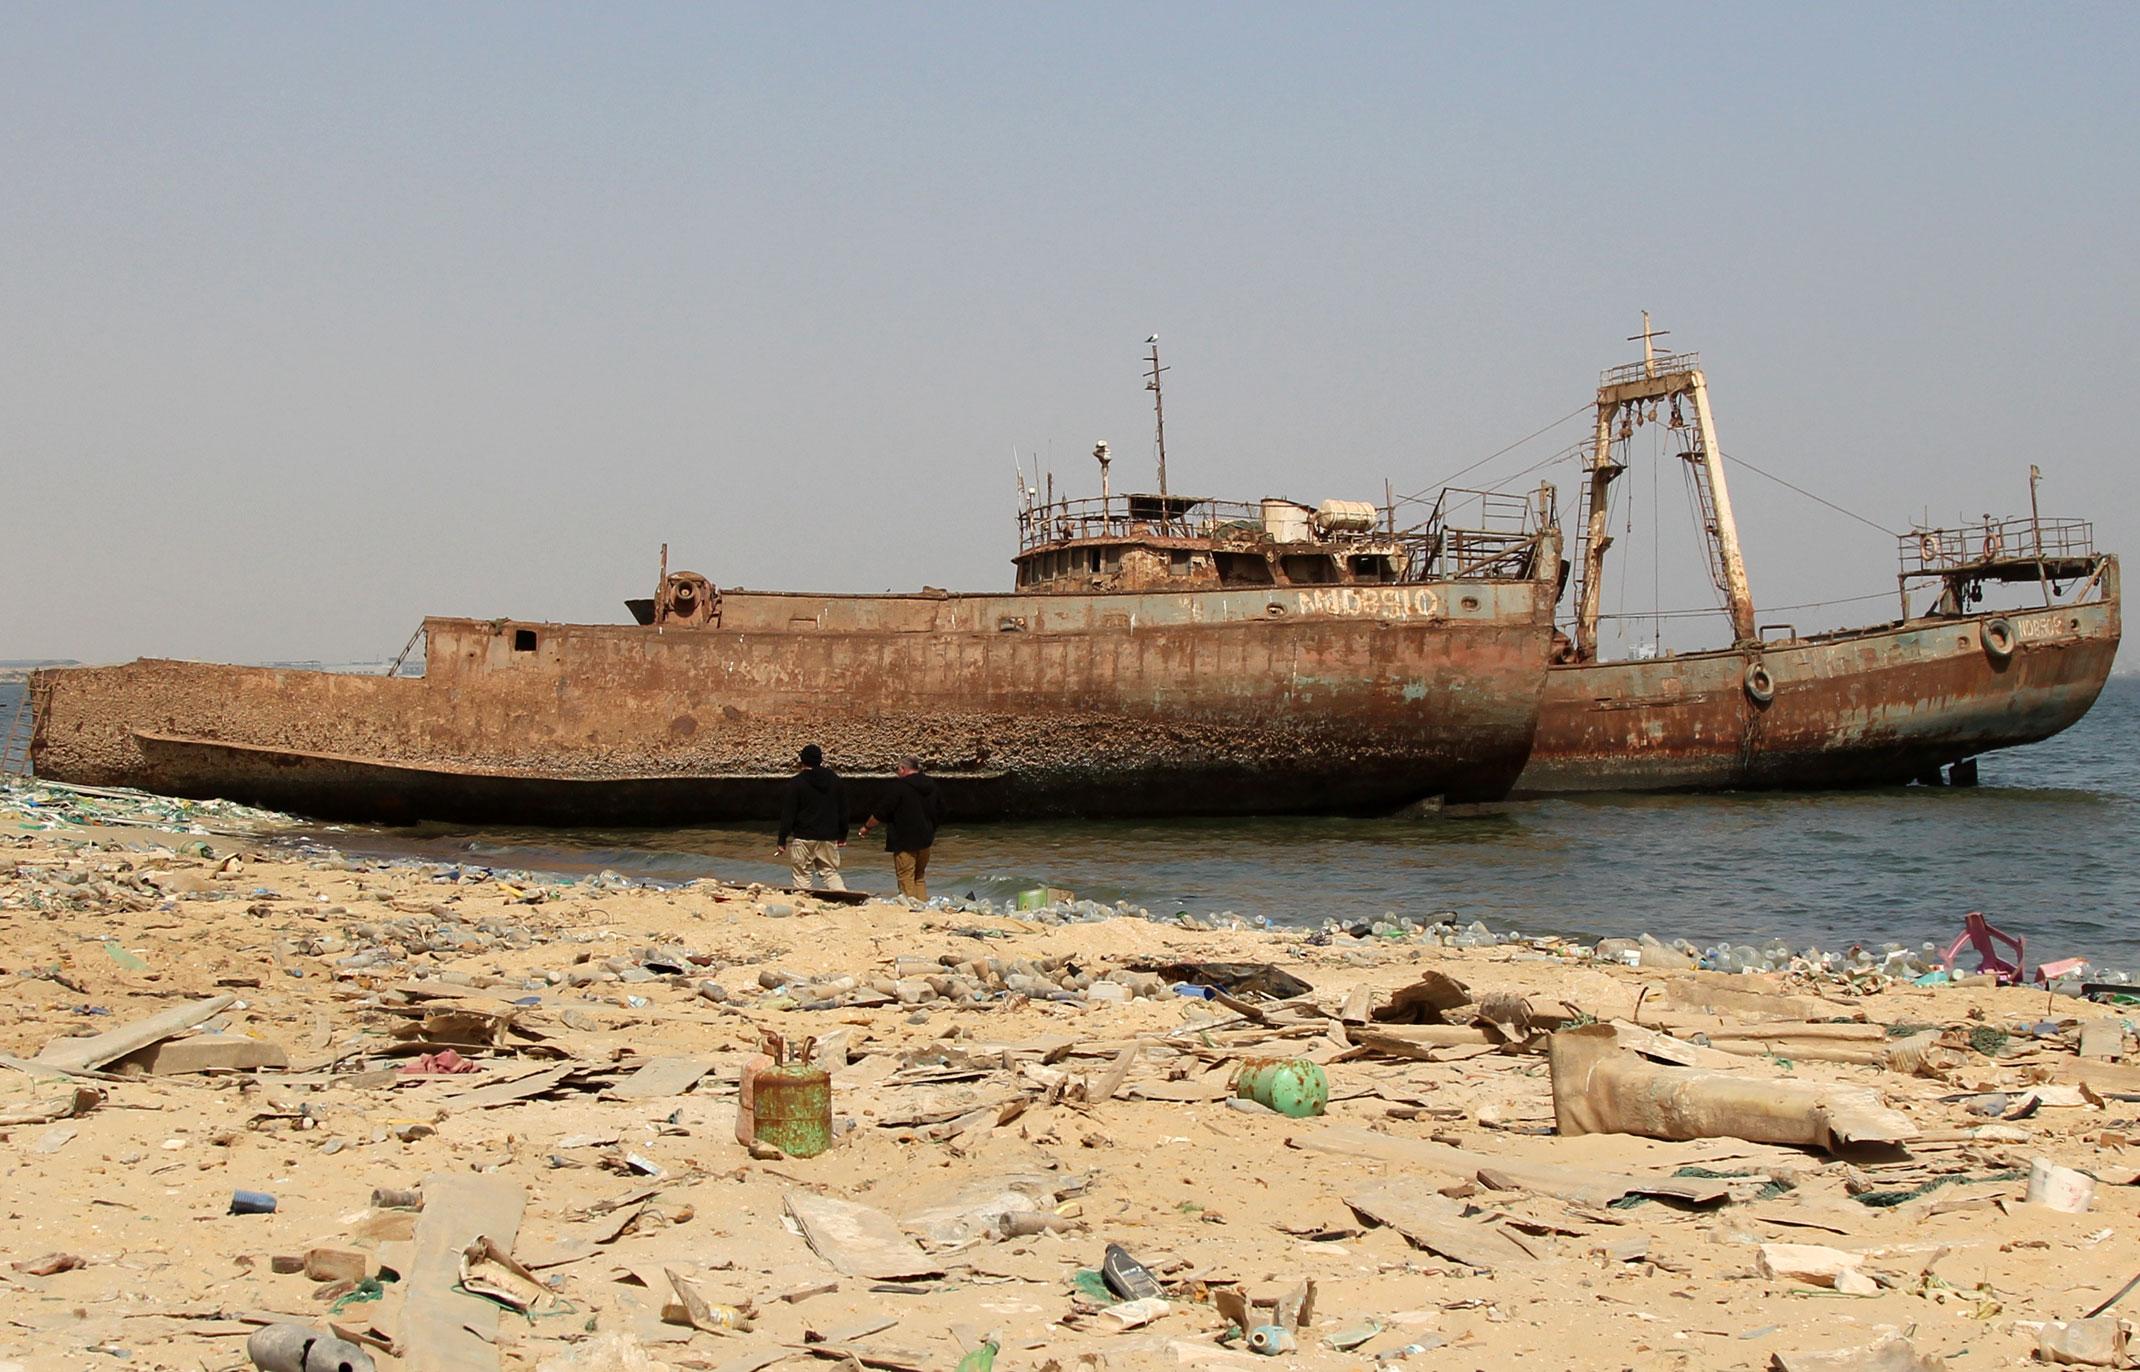 Mauretania.Cmentarzysko statków czyli zatoka wraków